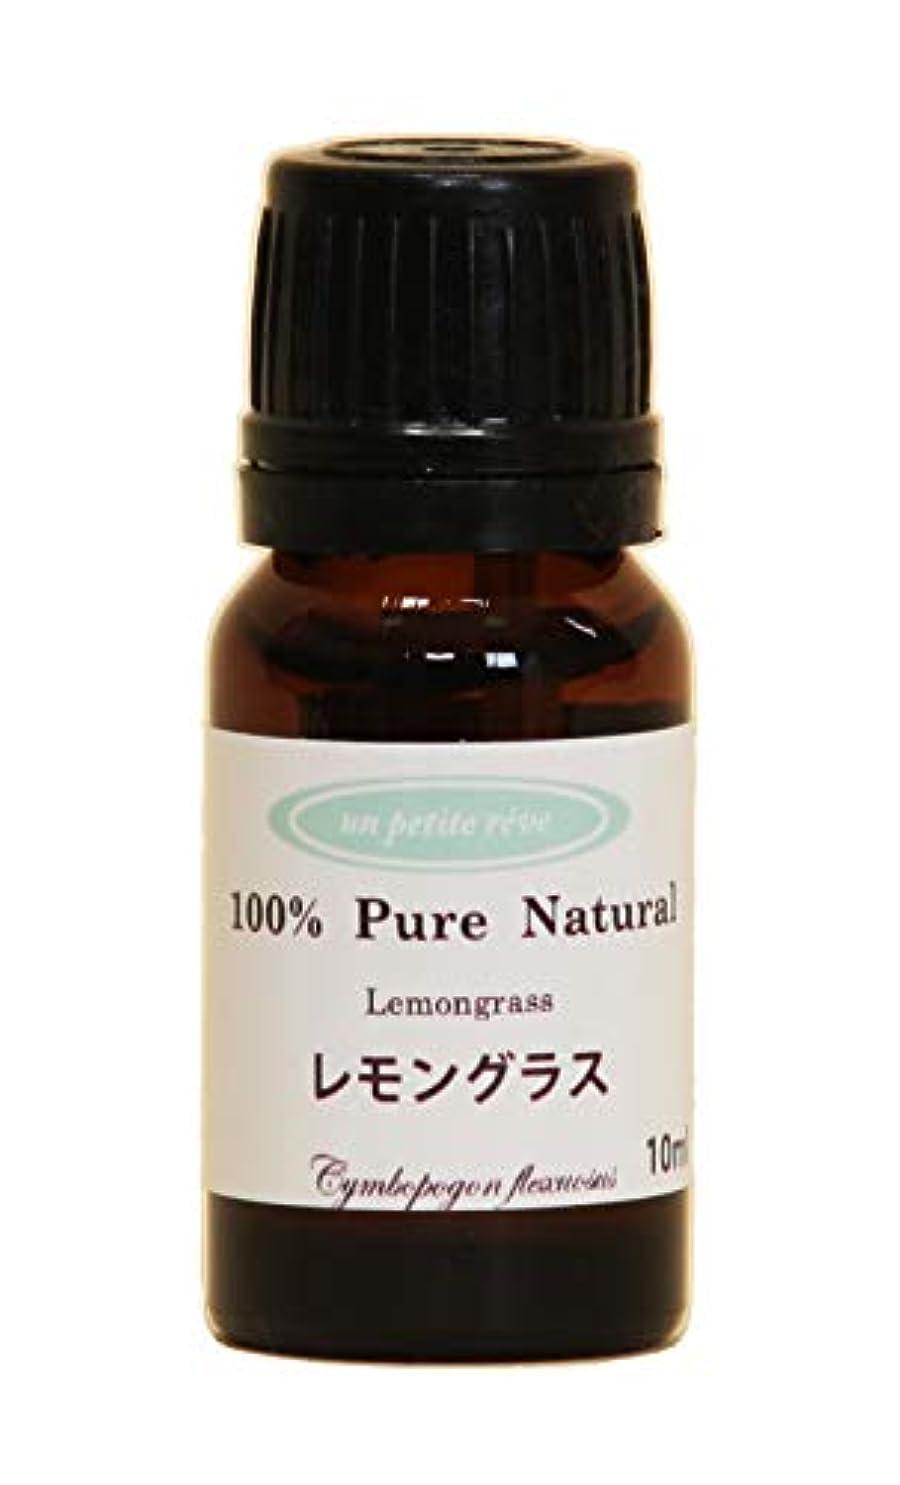 論理的にそれる悪夢レモングラス 10ml 100%天然アロマエッセンシャルオイル(精油)